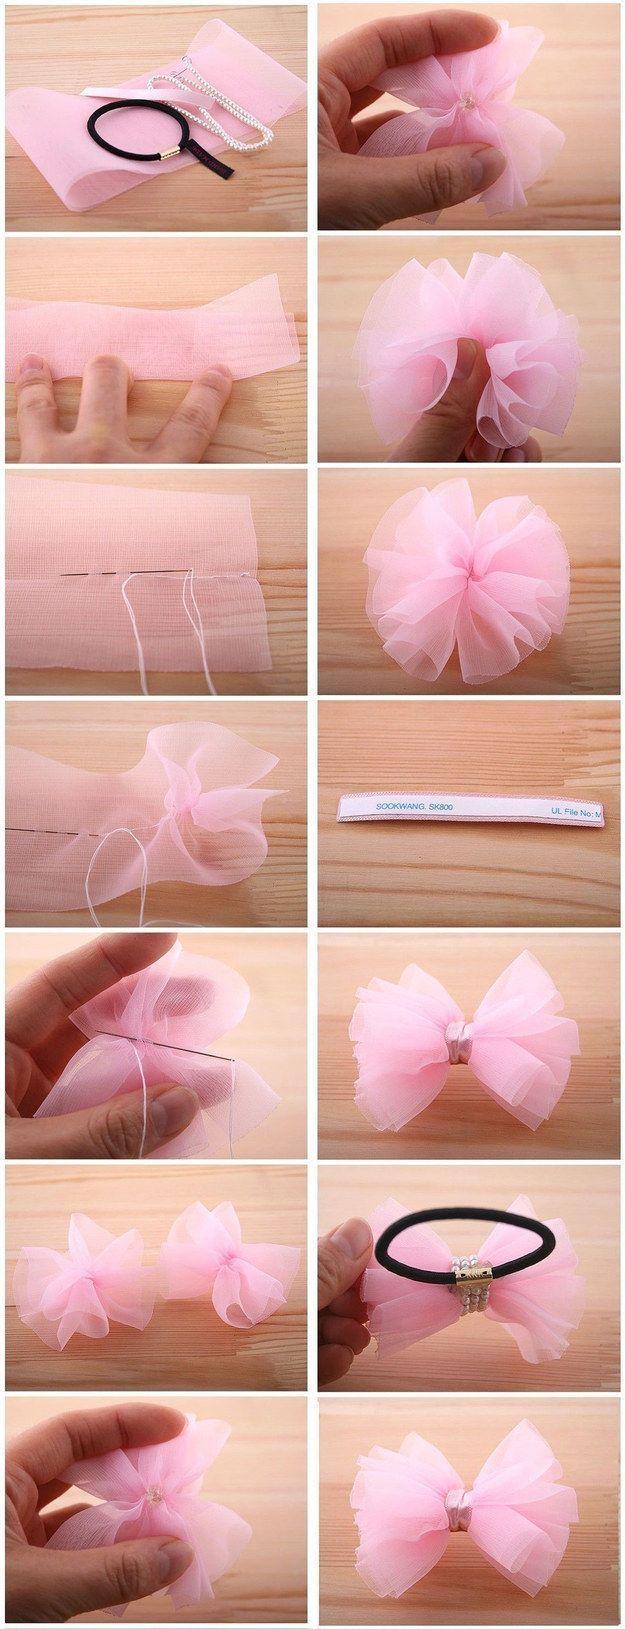 Dies ist der einfachste Weg, um einen Bogen für Sie zu machen oder als Geschenk zu geben.